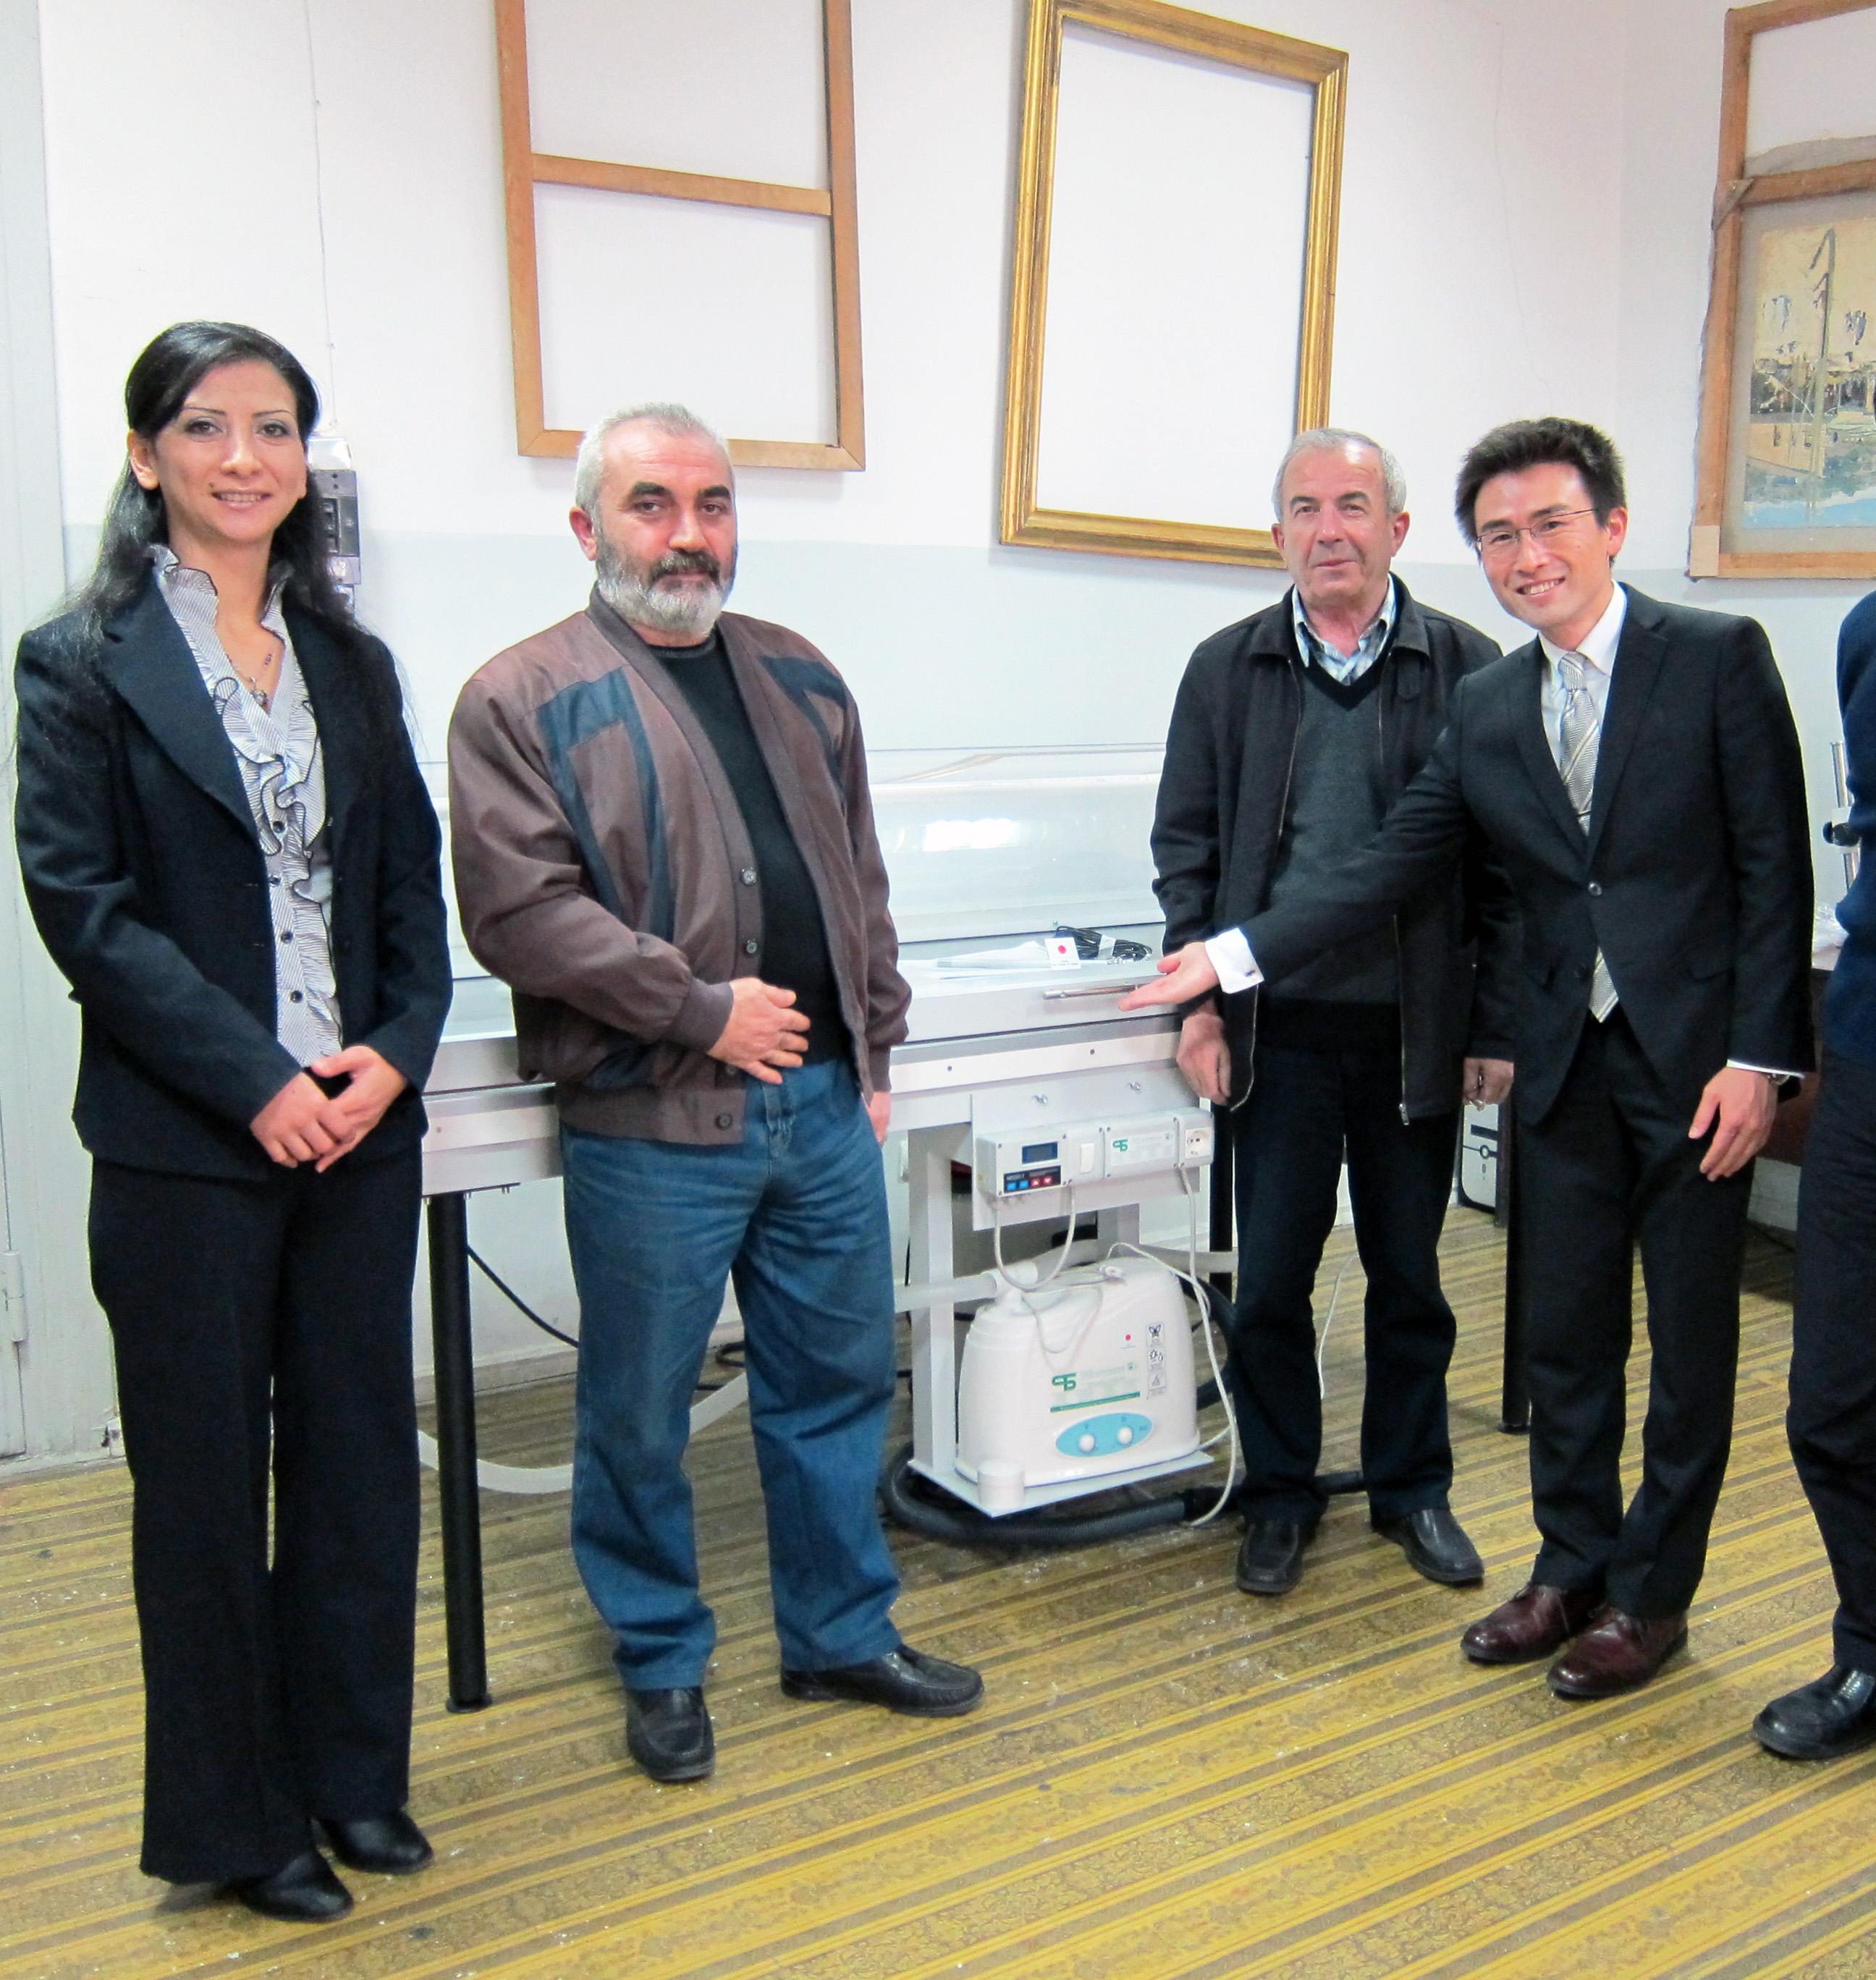 アルメニア国立美術館の修復室のようす。すでに納入した機材が活躍している。